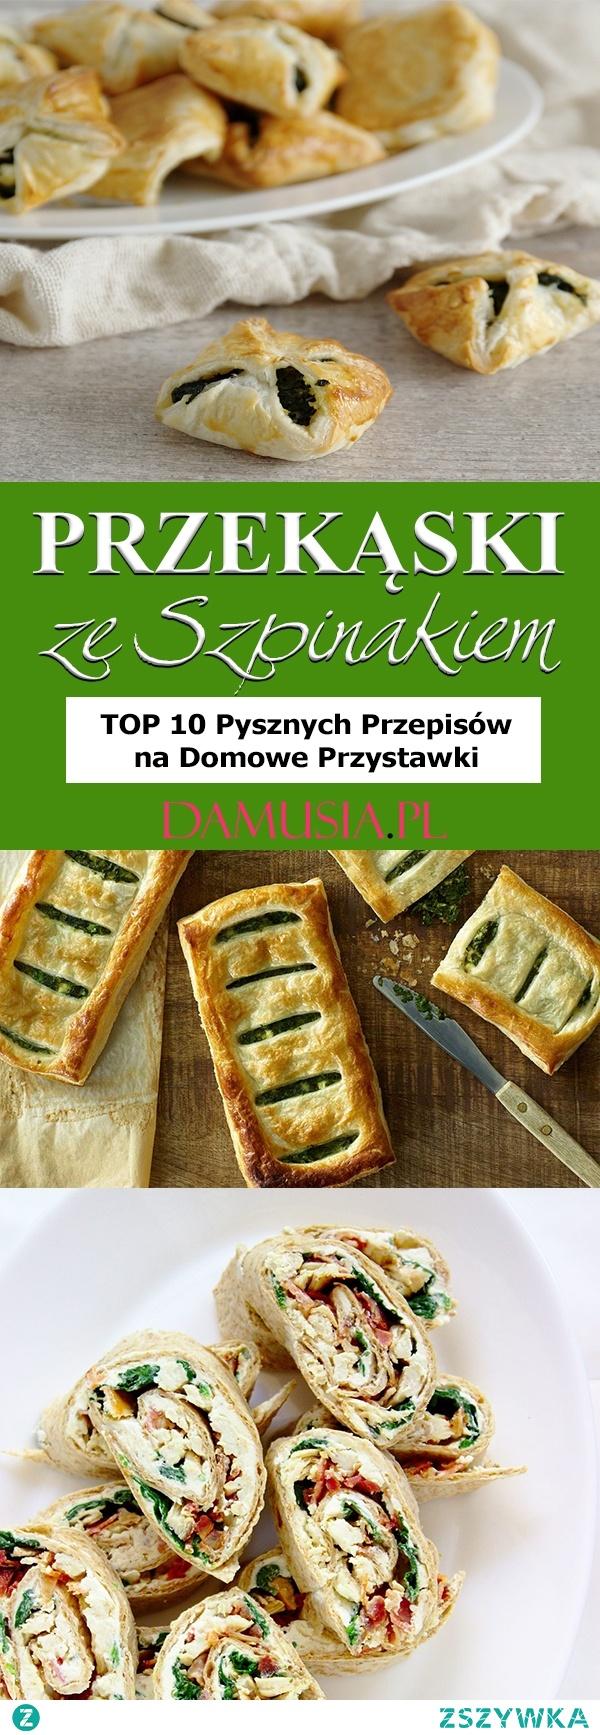 Przekąski ze Szpinakiem – TOP 10 Pysznych Przepisów na Domowe Przystawki